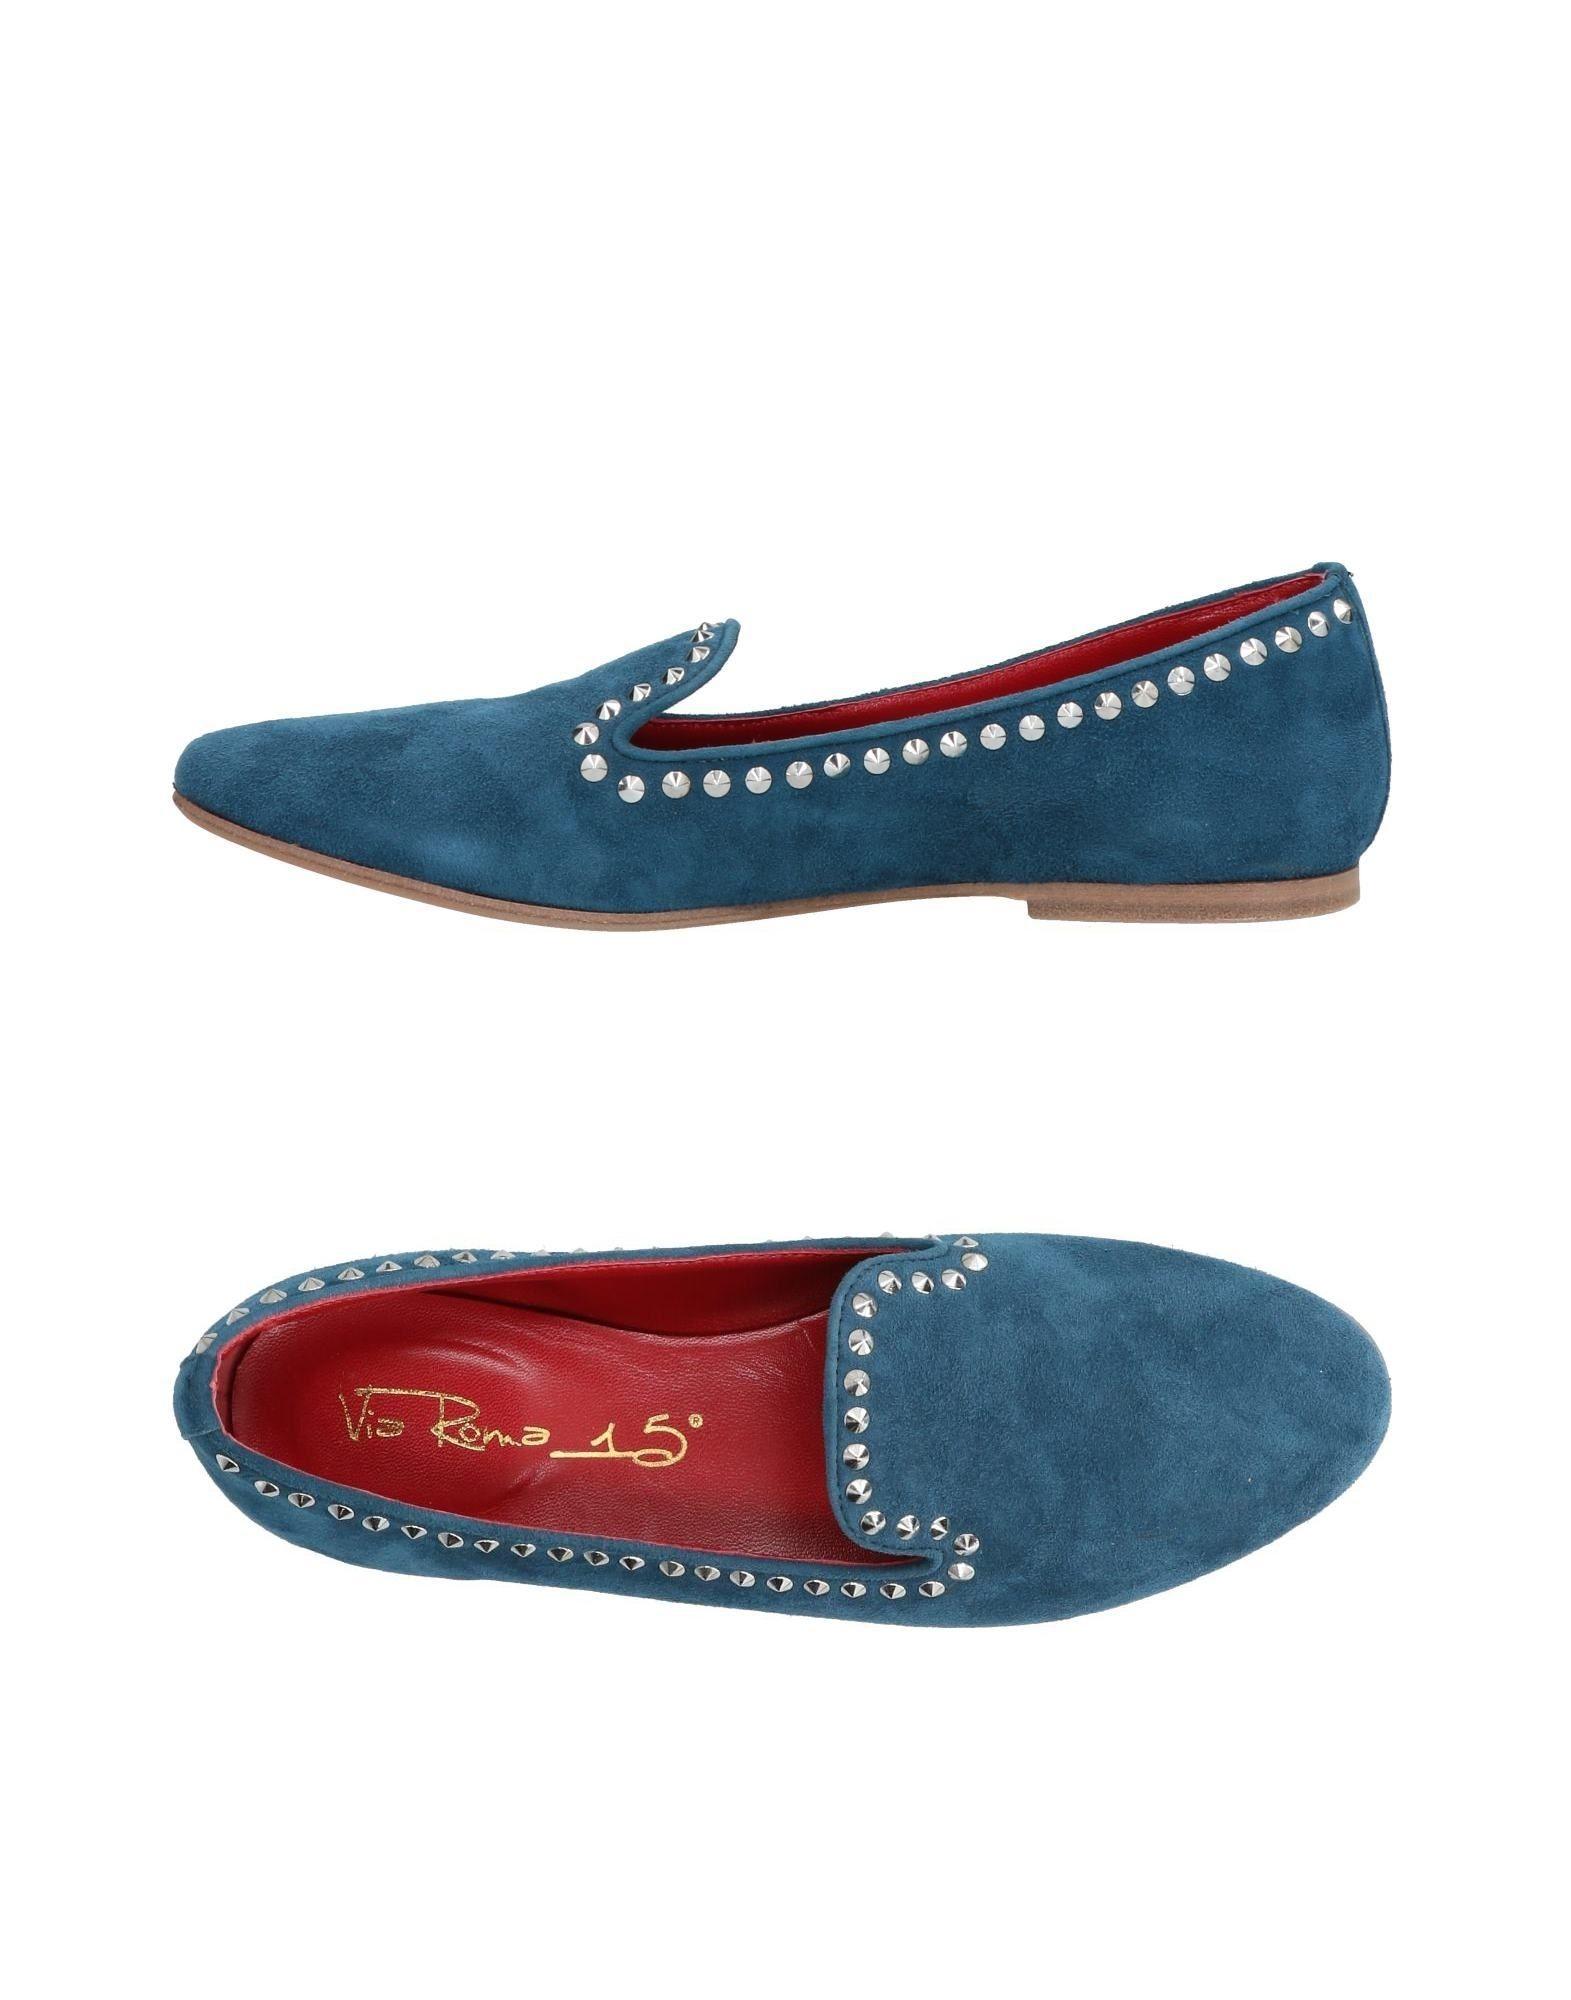 Via Roma 15 Mokassins Damen  11430904SF Gute Qualität beliebte Schuhe